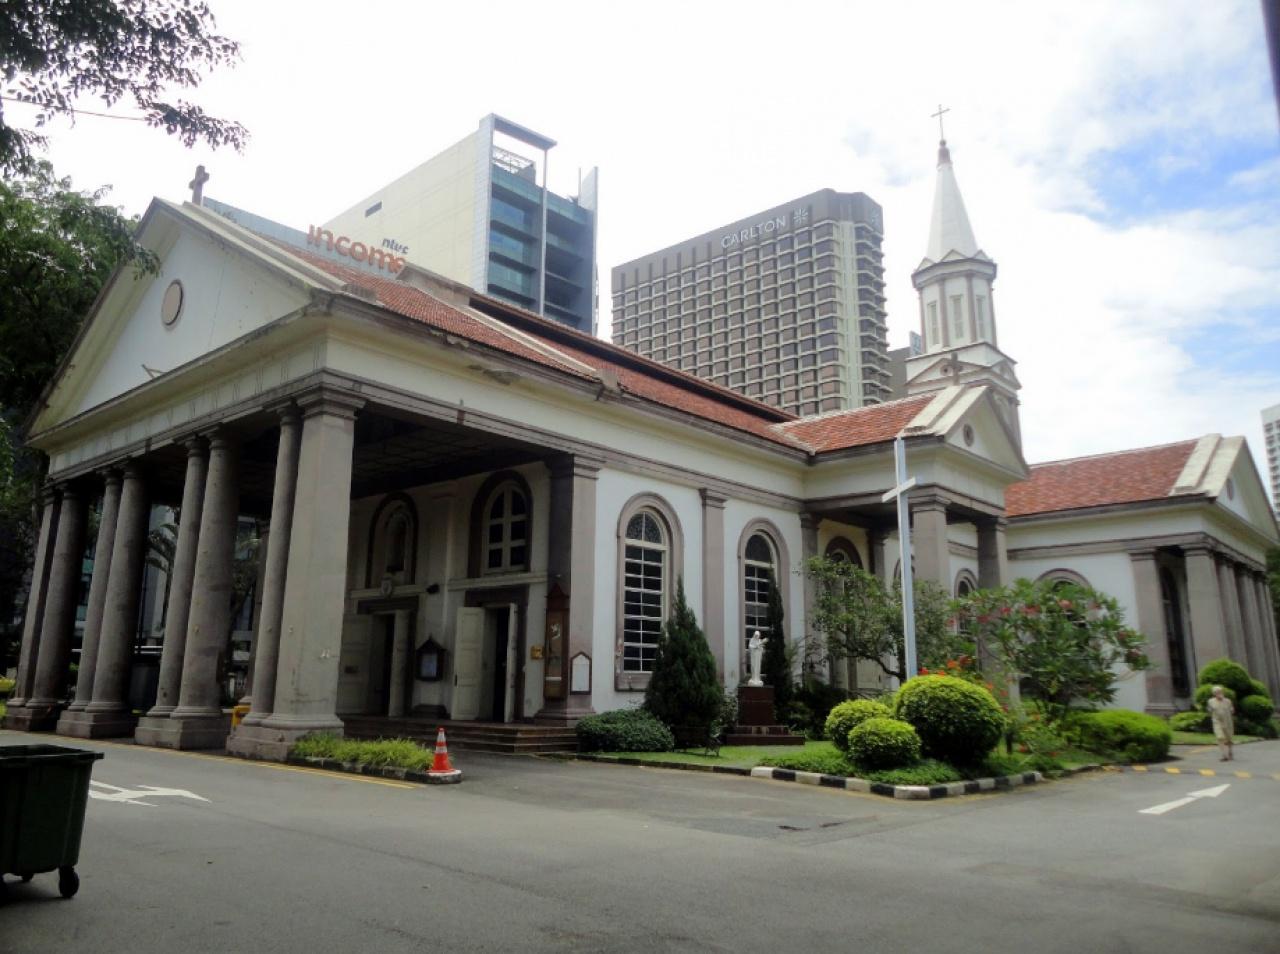 善牧主教座堂是新加坡國內最大且最富歷史的教堂之一。(網上圖片)